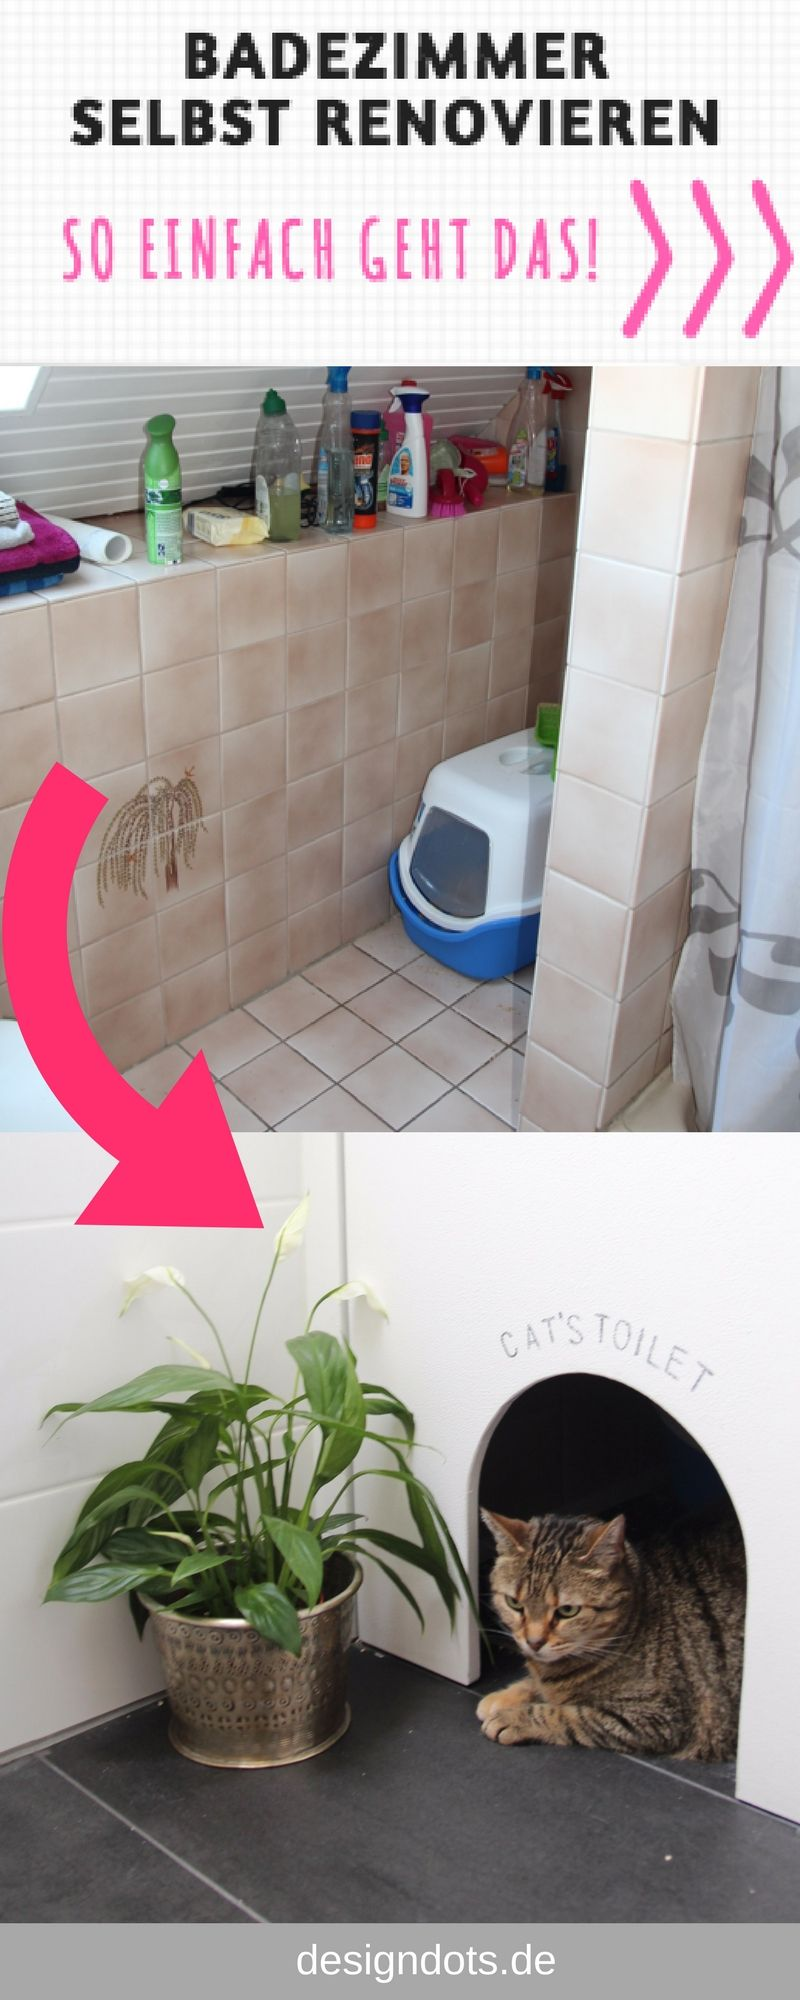 Badezimmer selbst renovieren design dots blog und zuhause pinterest badezimmer baden und - Badezimmer selbst renovieren ...